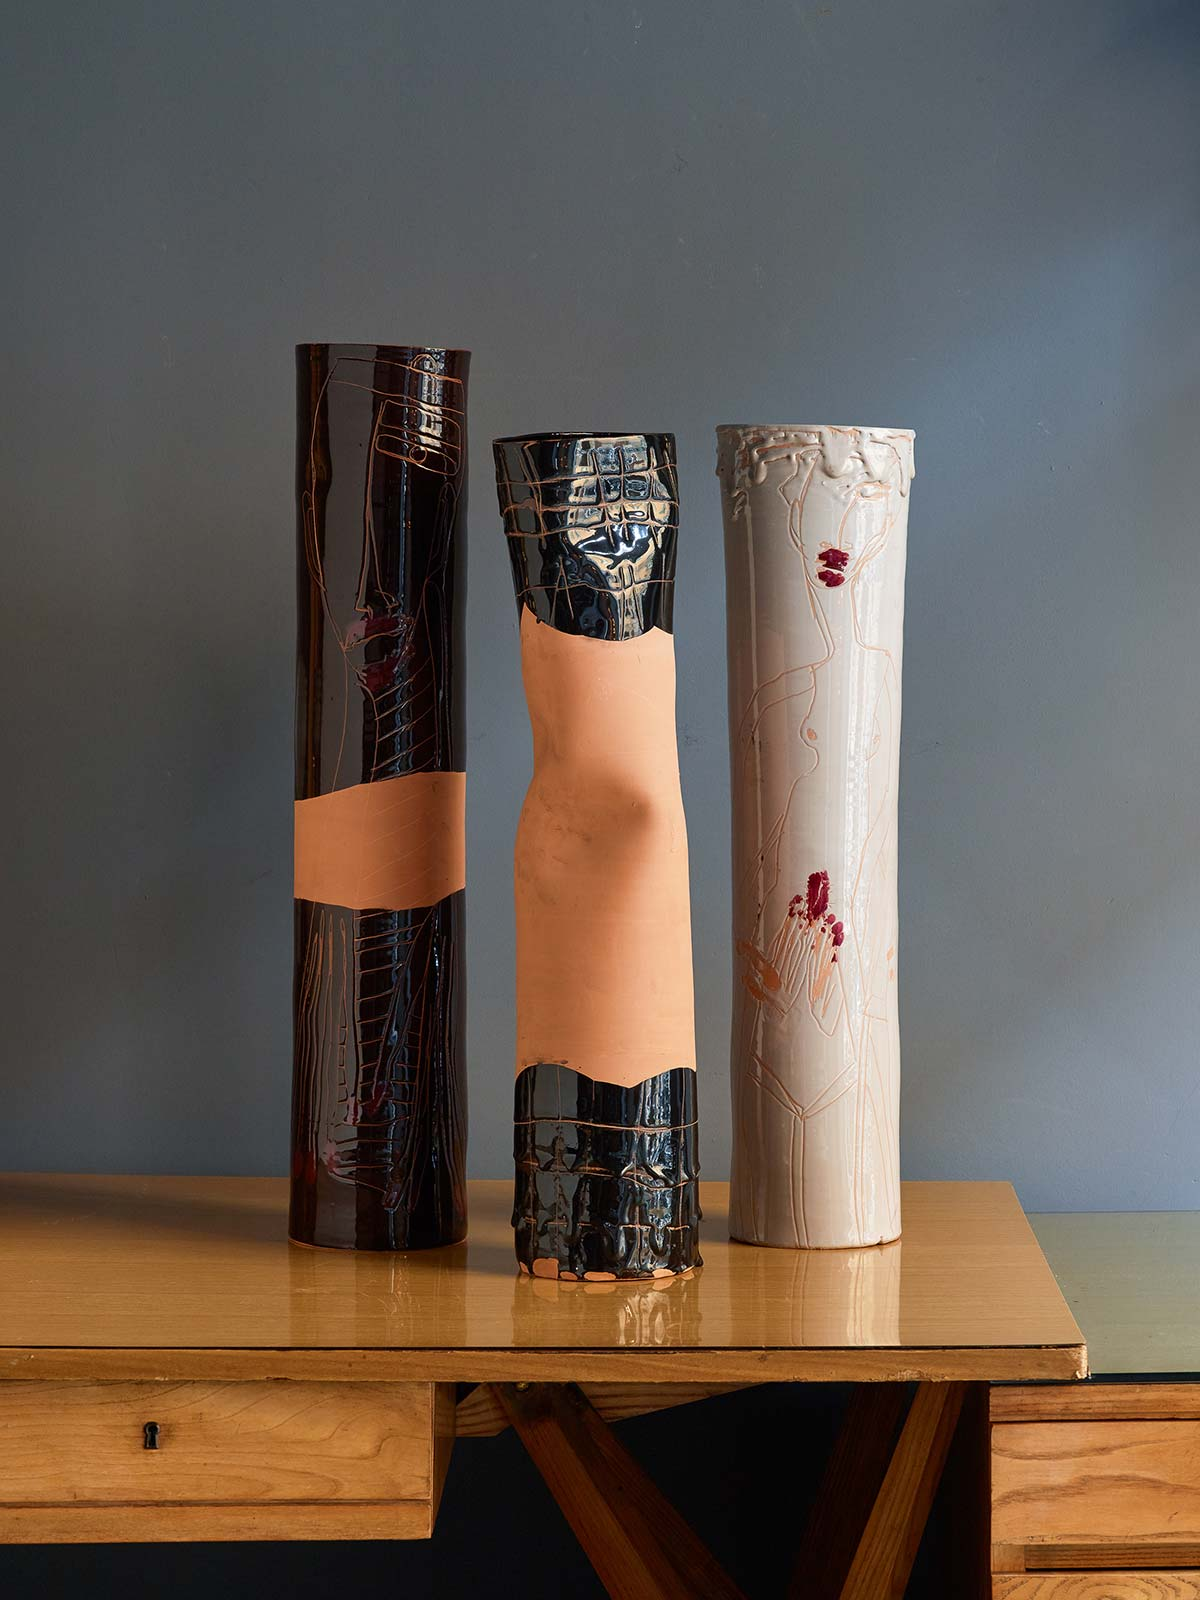 Vases by Antonio Marras